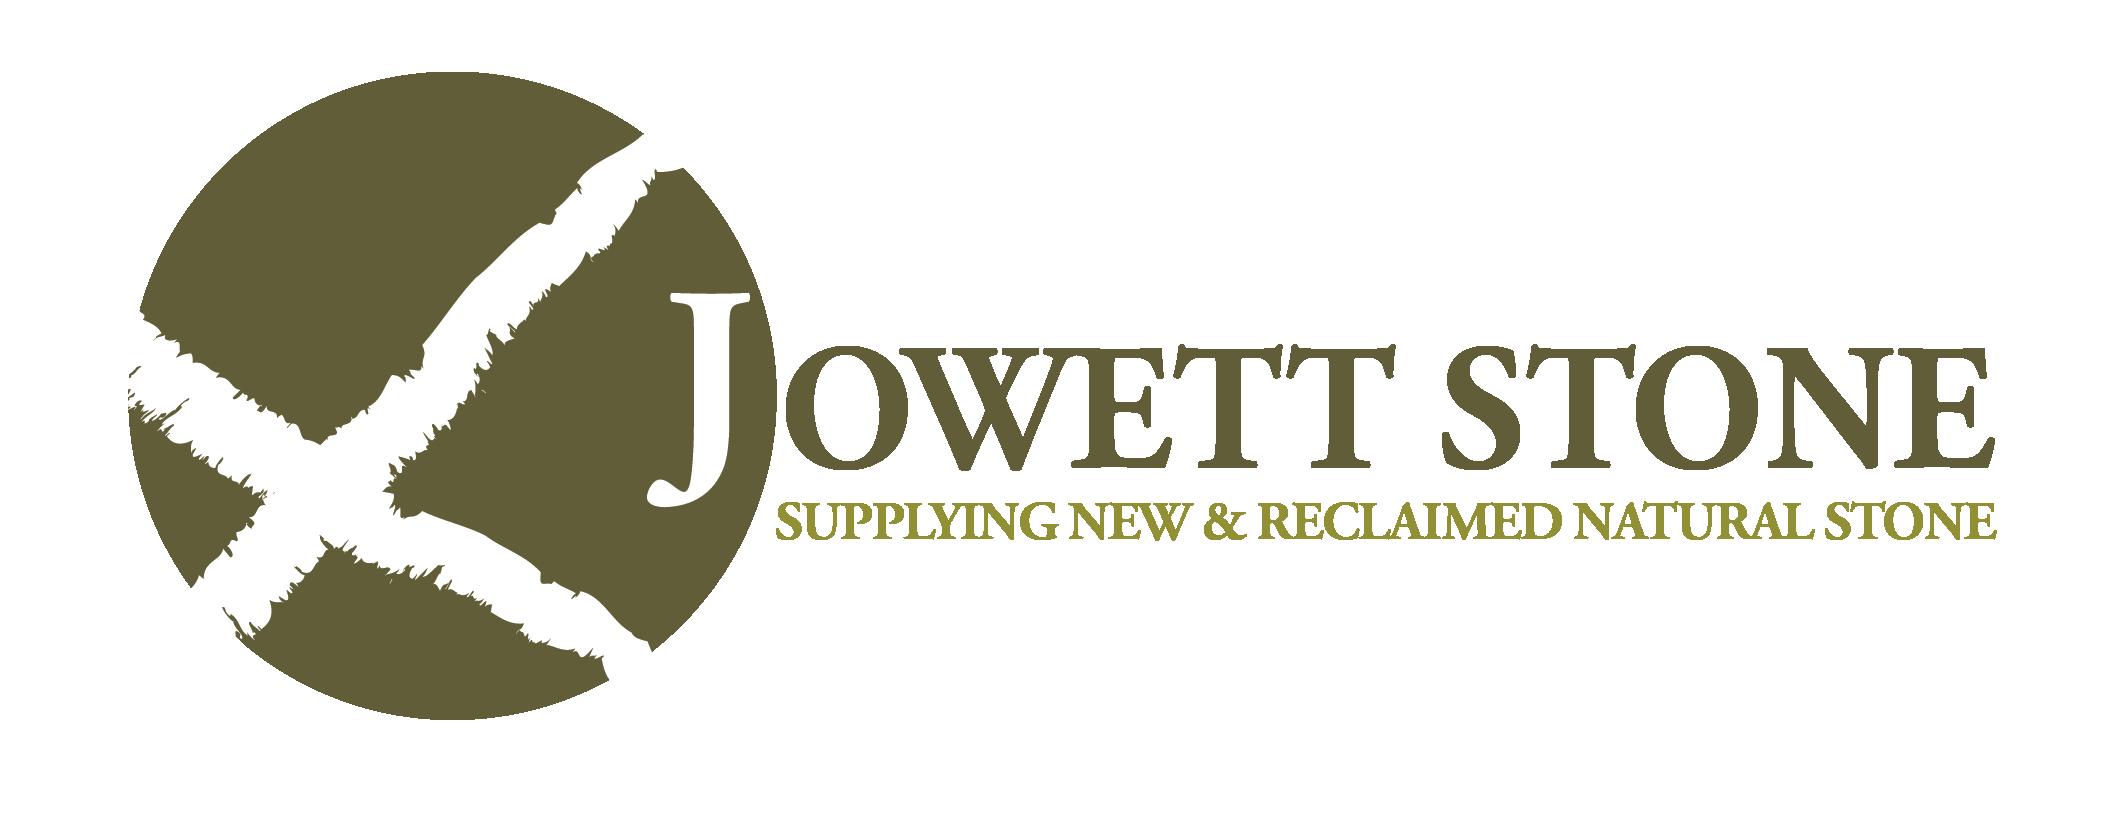 Jowett Stone